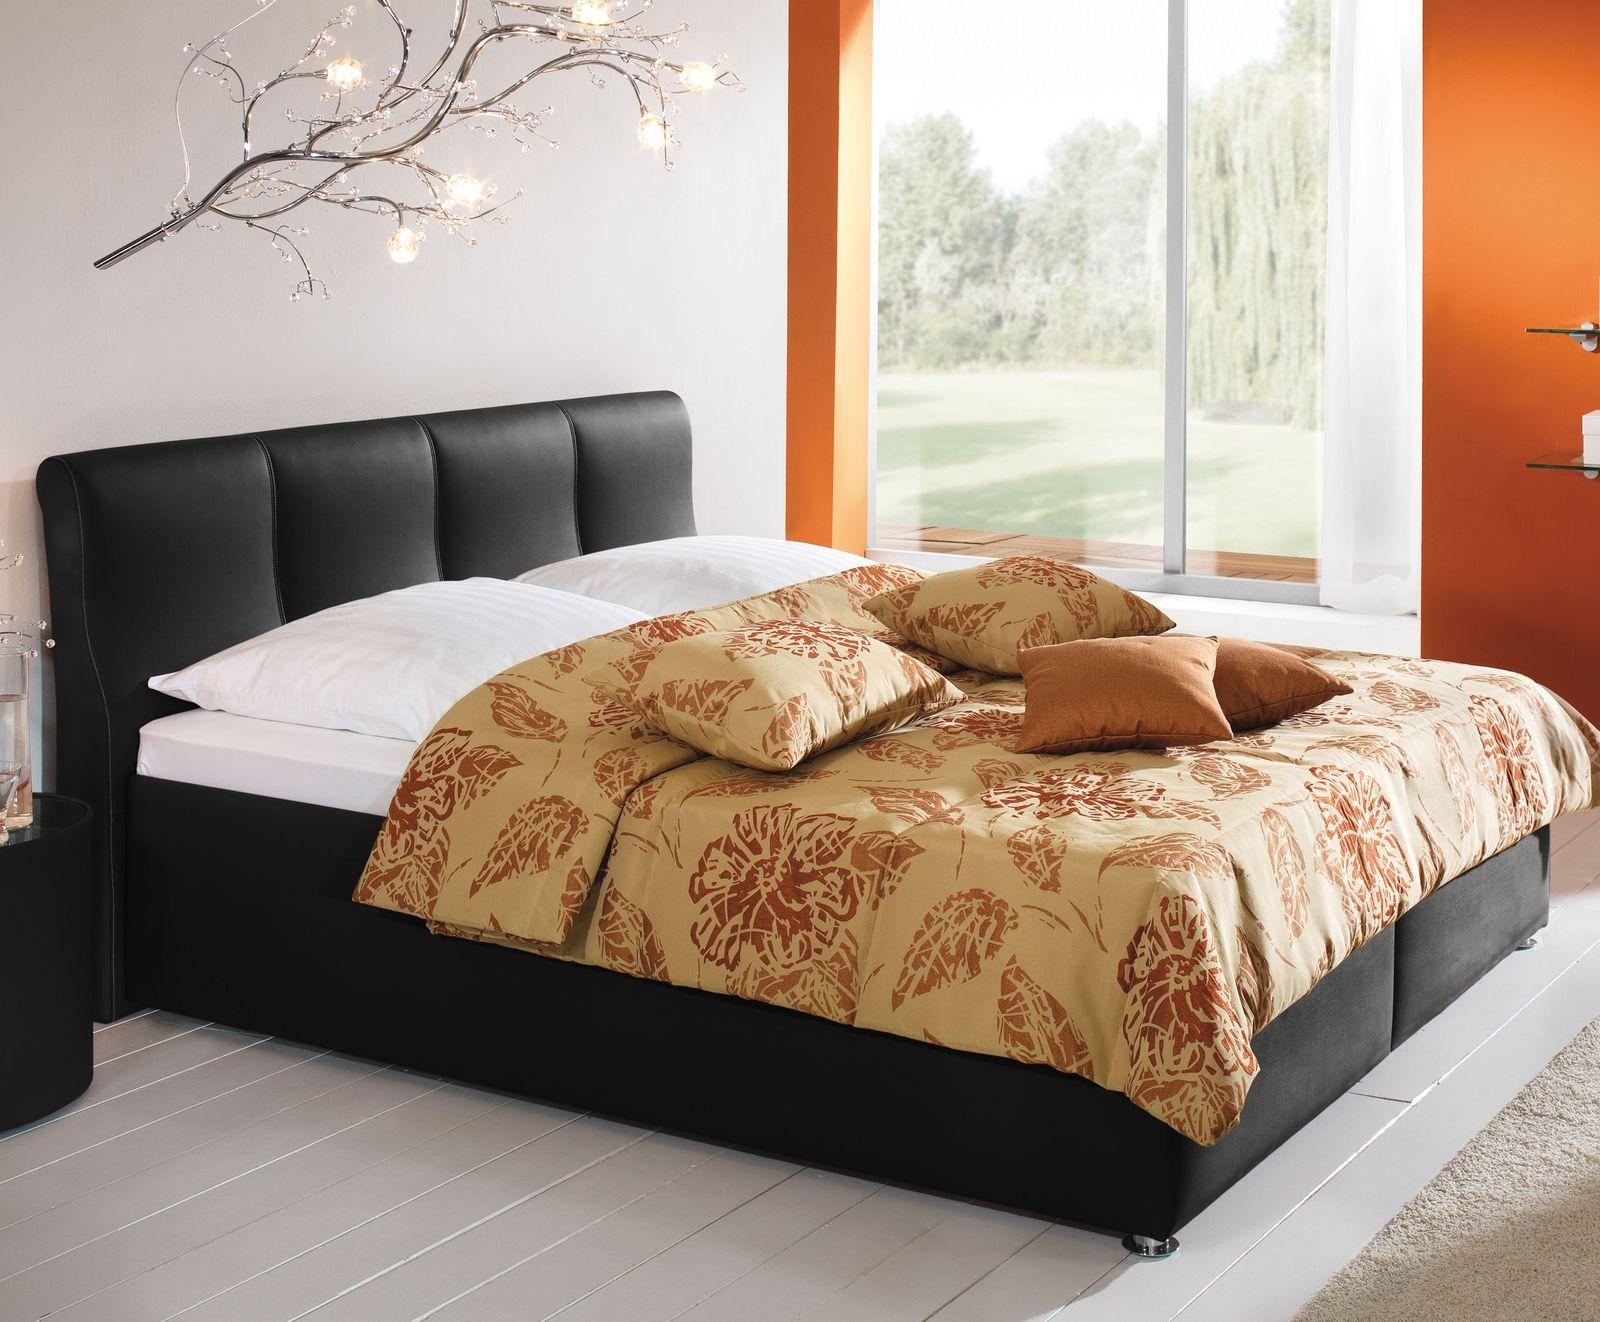 betten 120x200 wei finest ikea bett x weis trysil. Black Bedroom Furniture Sets. Home Design Ideas